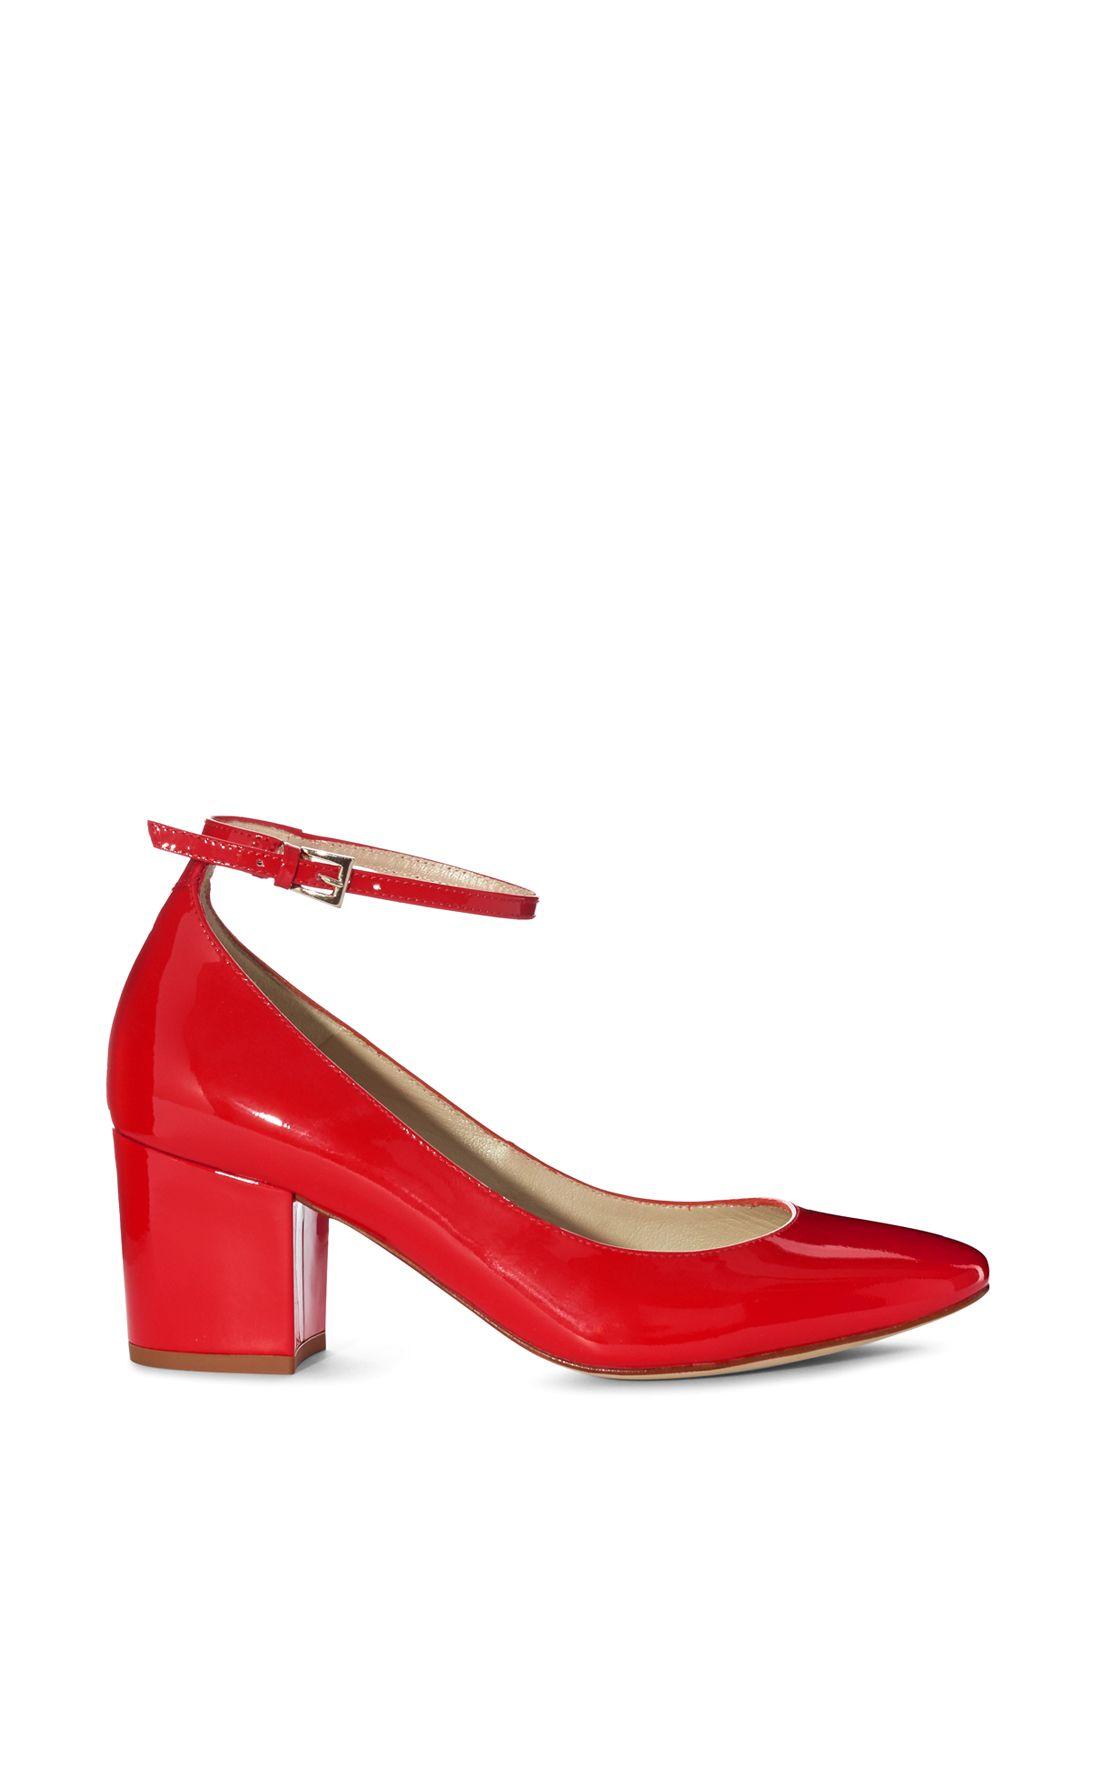 d79111033c Karen Millen, BLOCK HEEL COURTS Orange   Shoes!!!   Heels, Karen ...